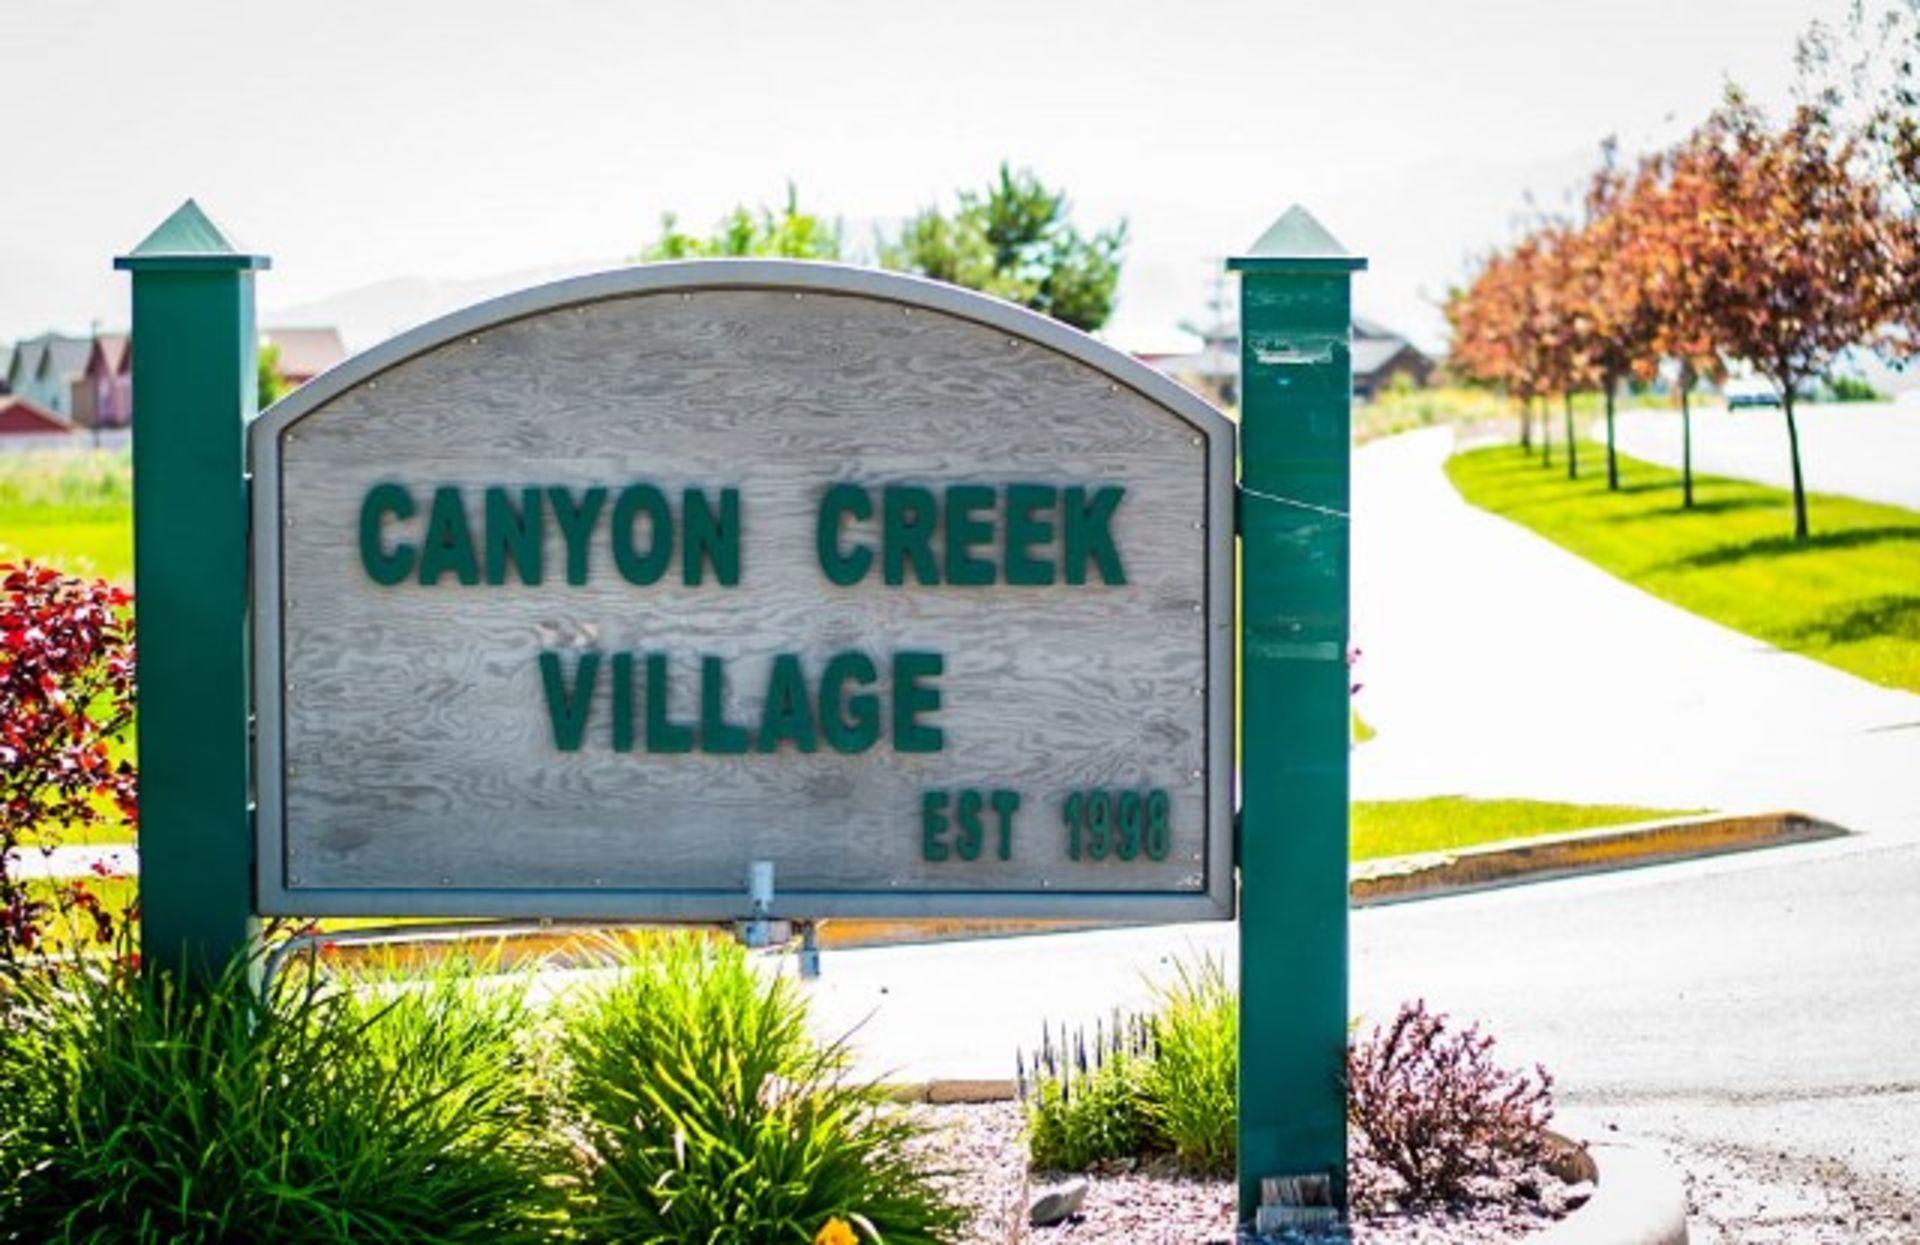 Canyon Creek Village